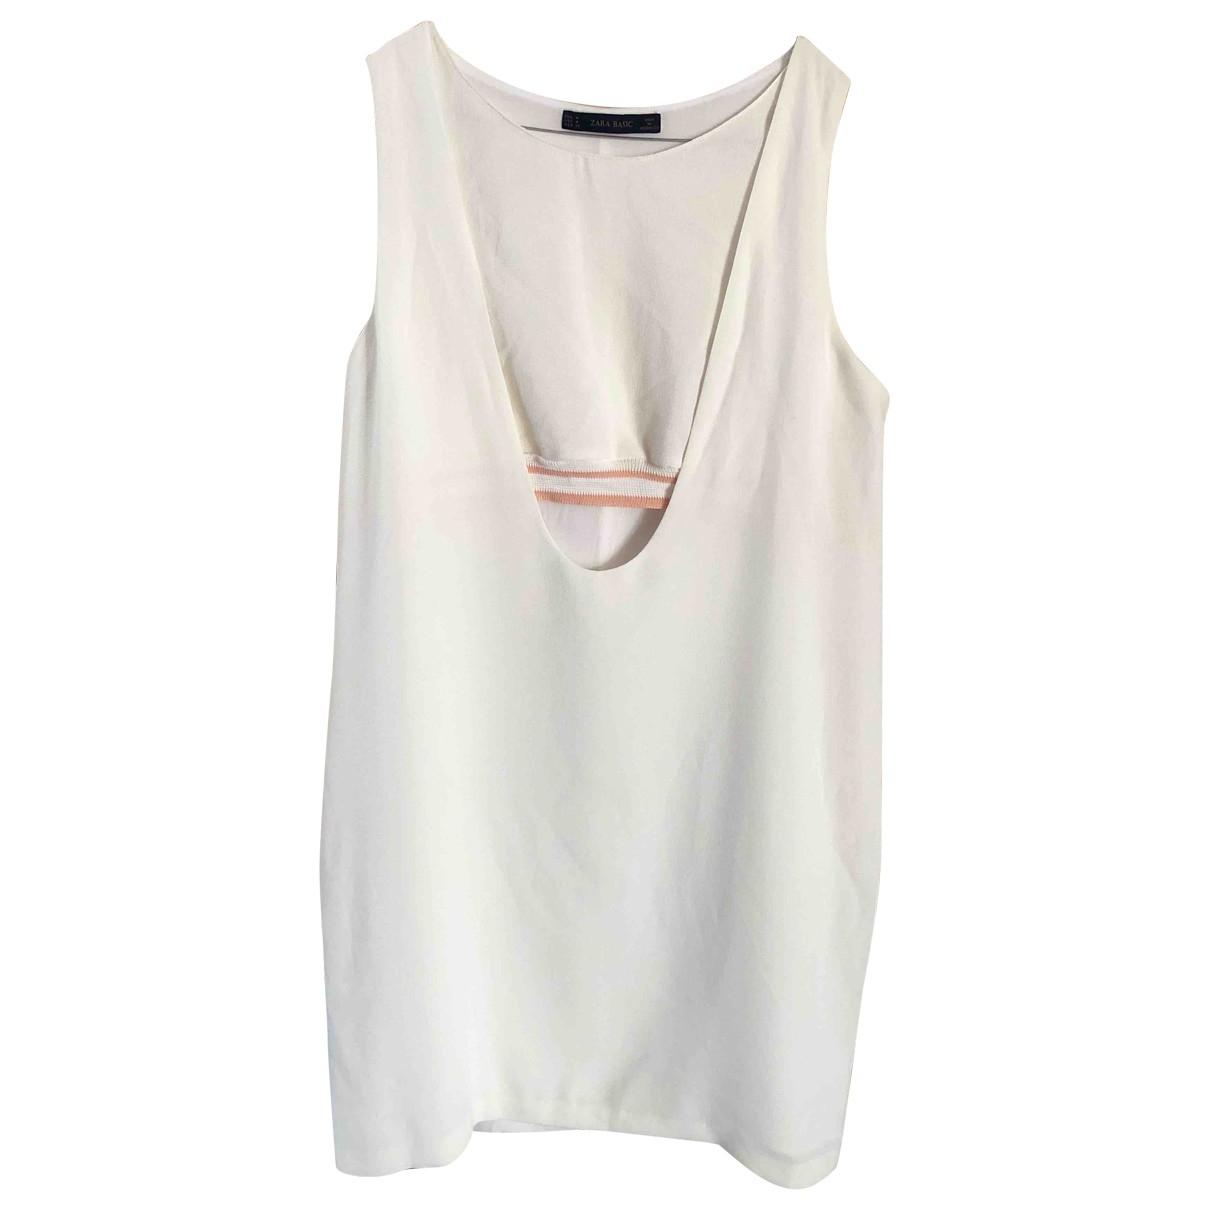 Zara \N White dress for Women M International